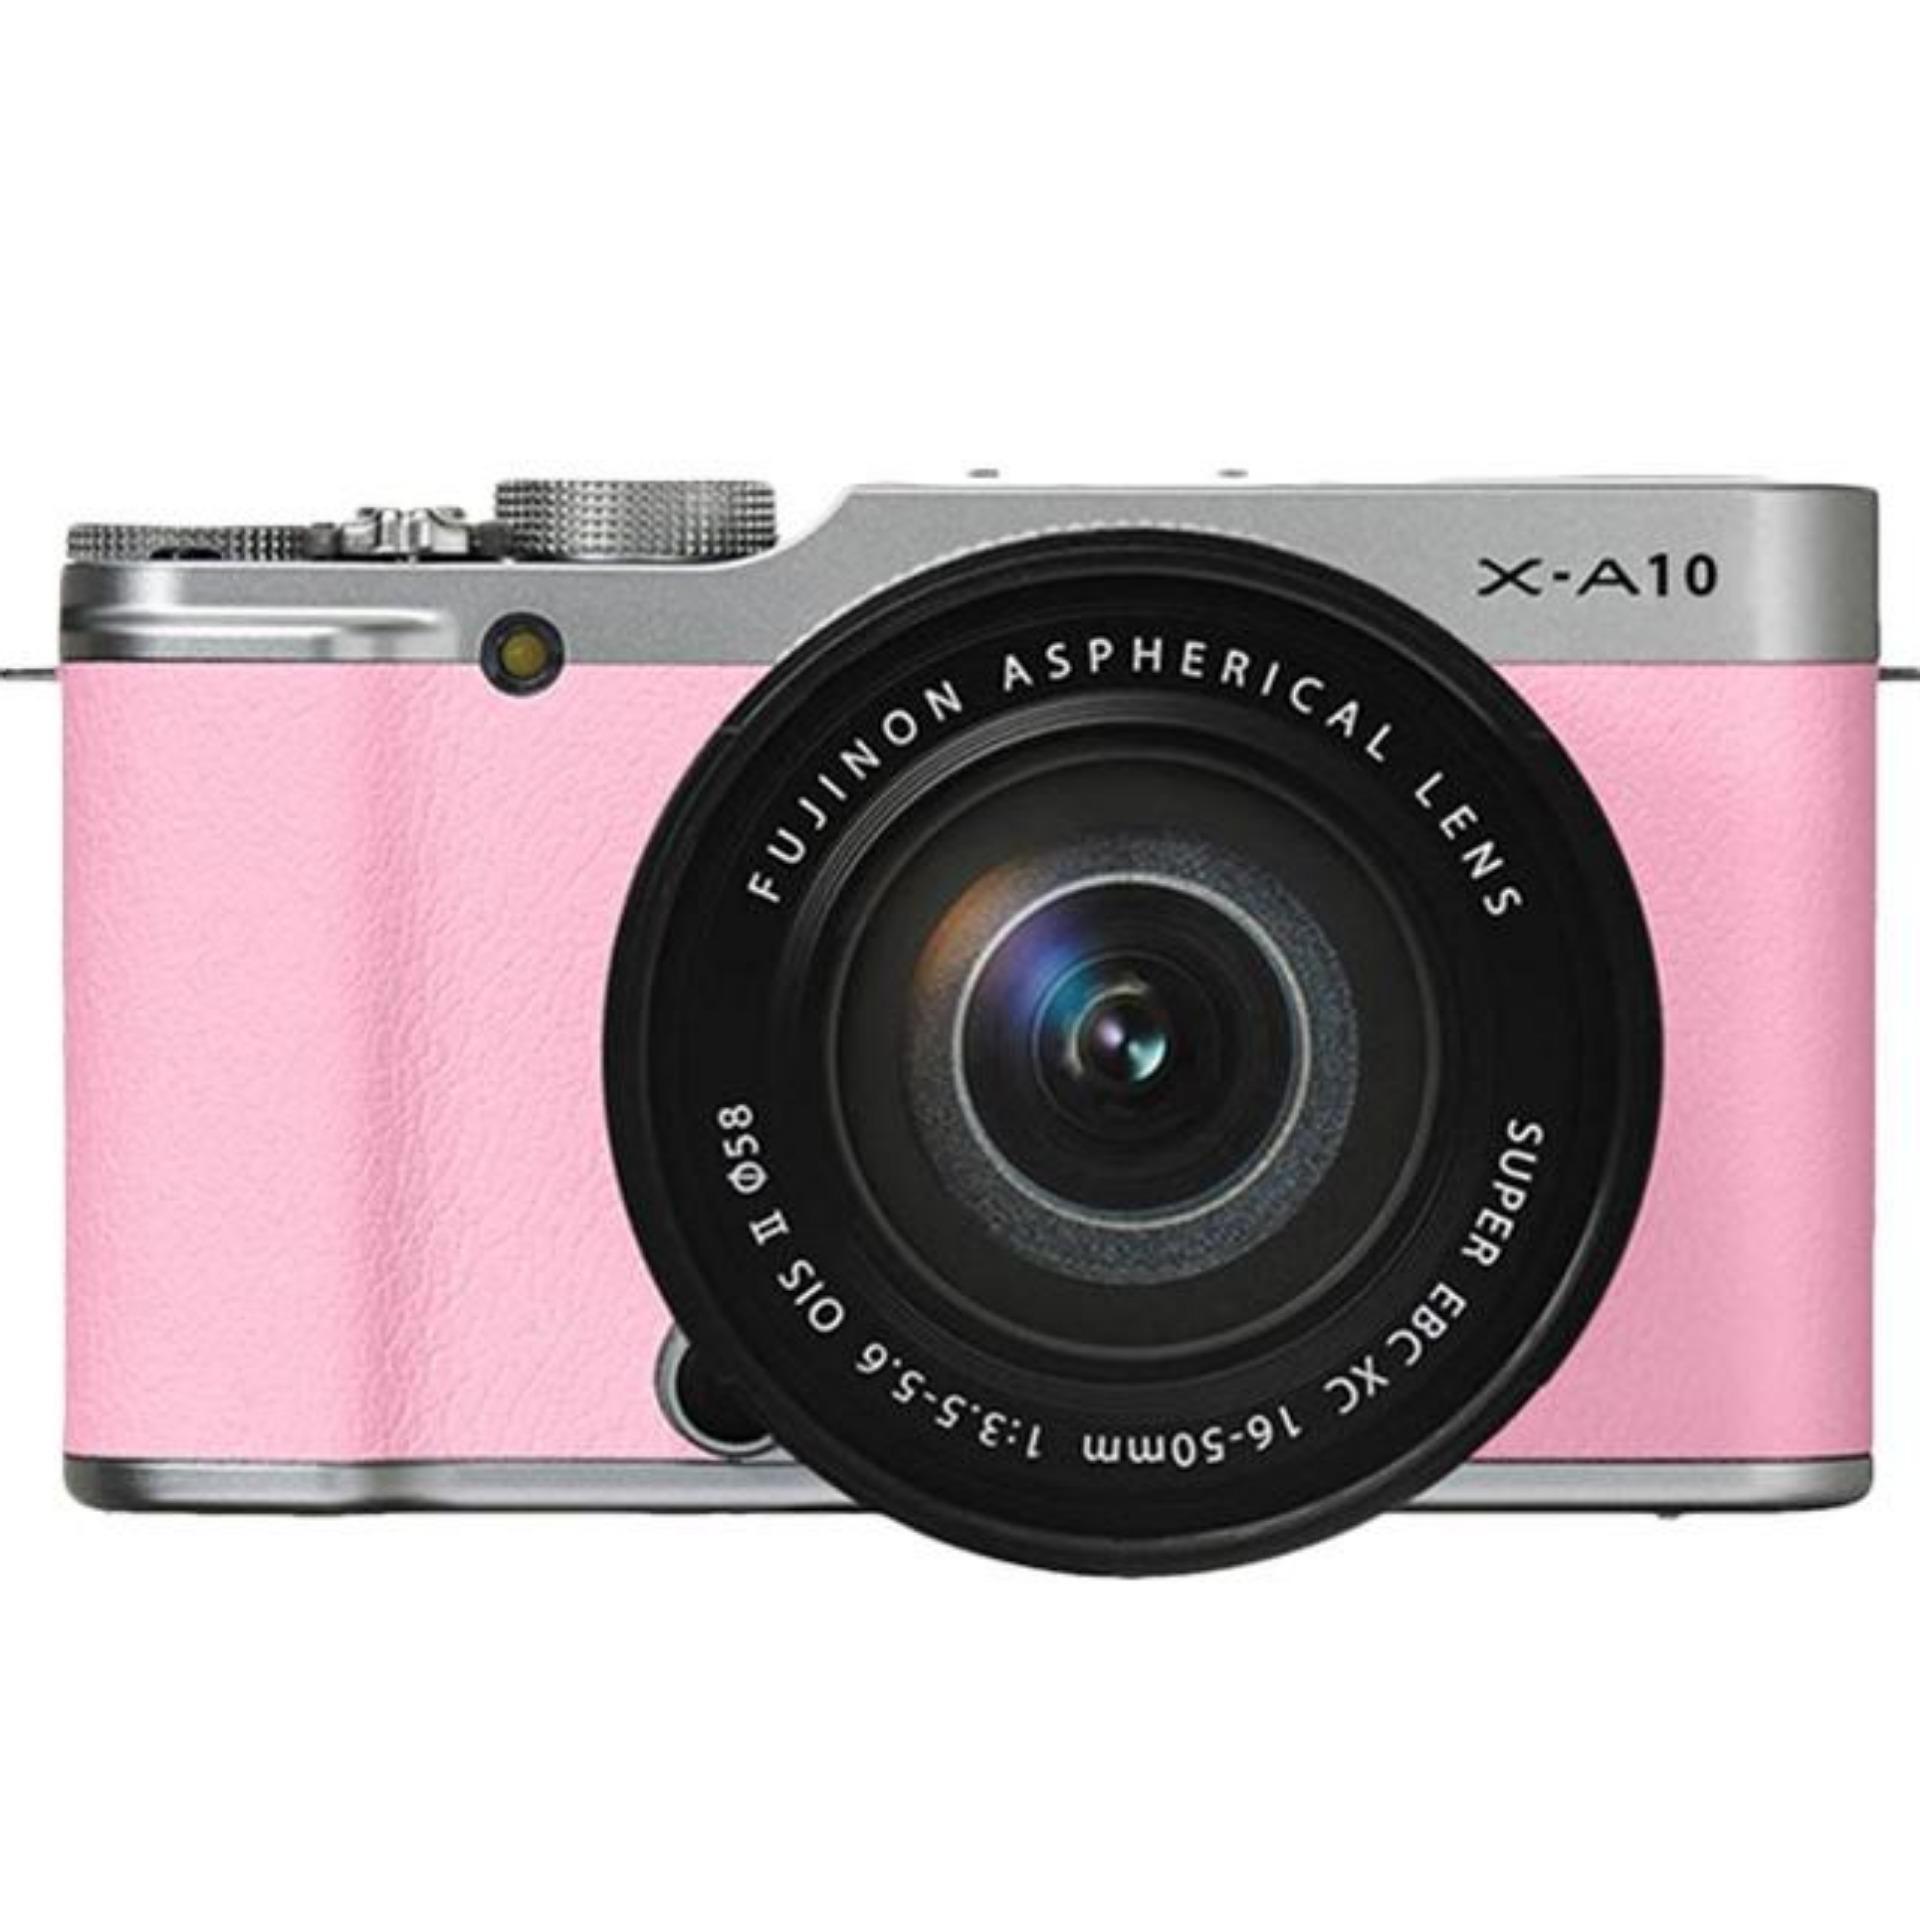 Máy ảnh Fujiflm X-A10 Kit 16-50mm F/3.5-5.6 OIS II - Pink - Hàng chính hãng